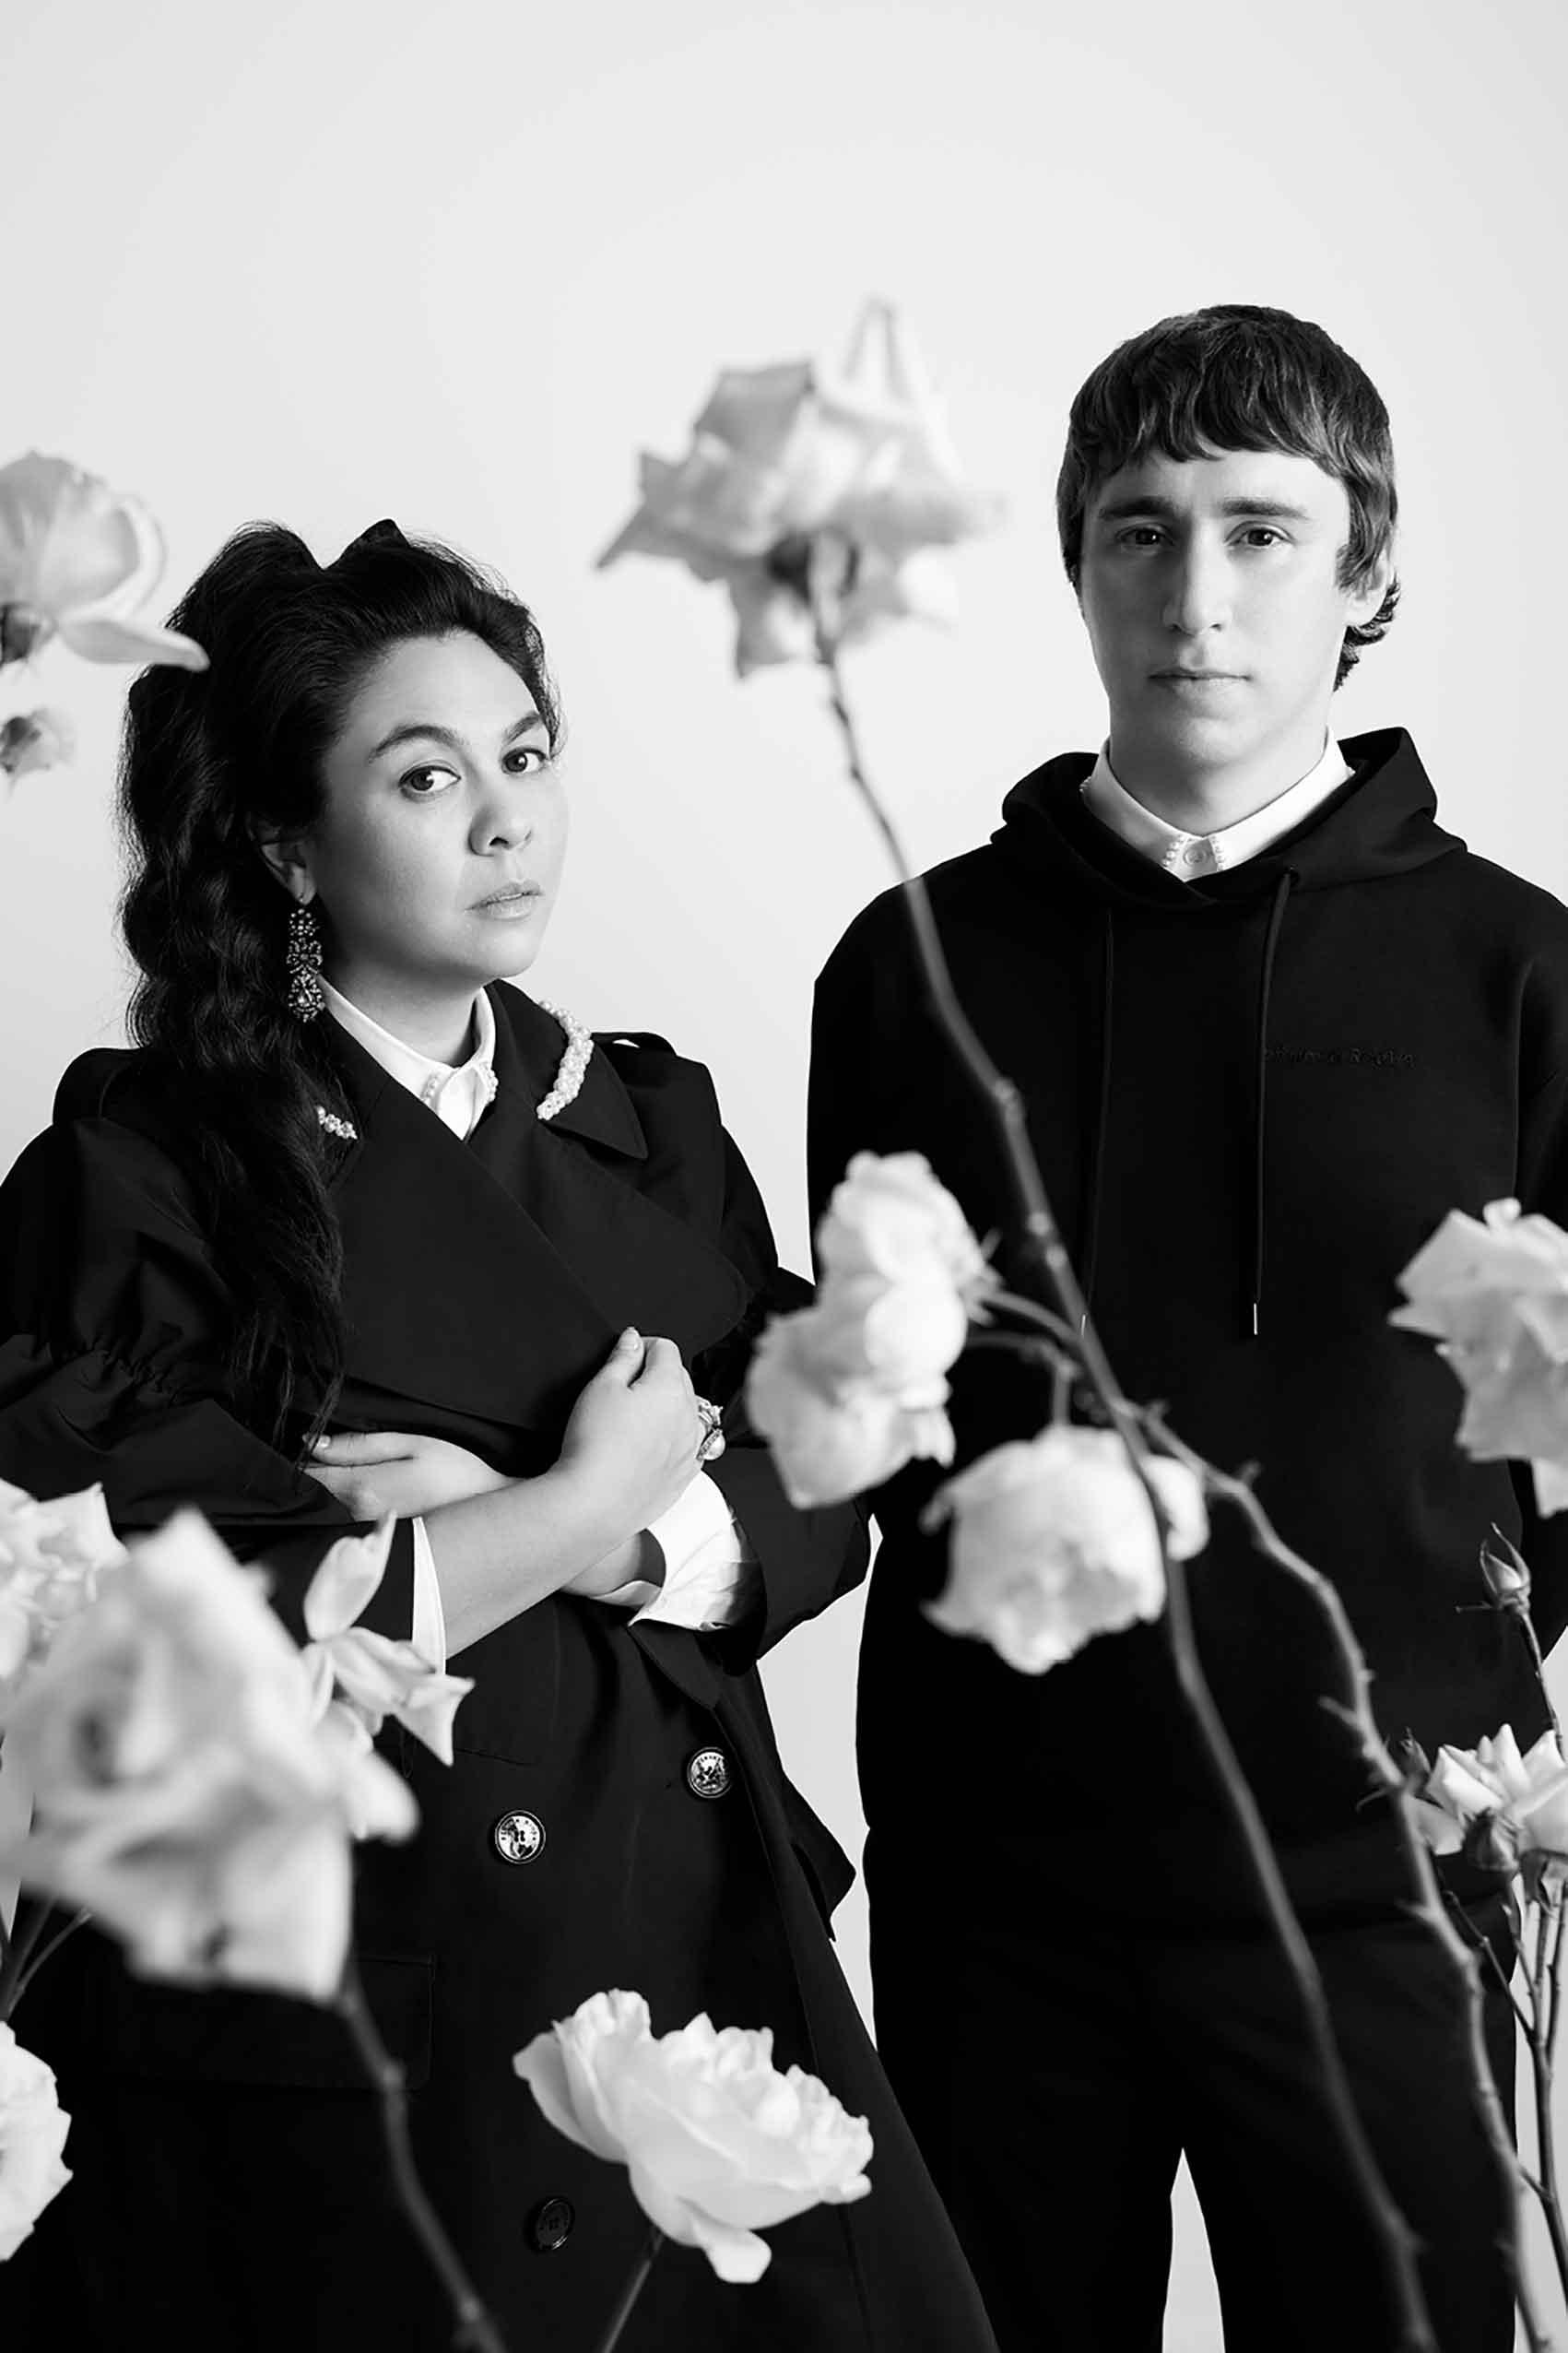 חדשות_האופנה_Simone-Rocha-and-Robbie-Spencer